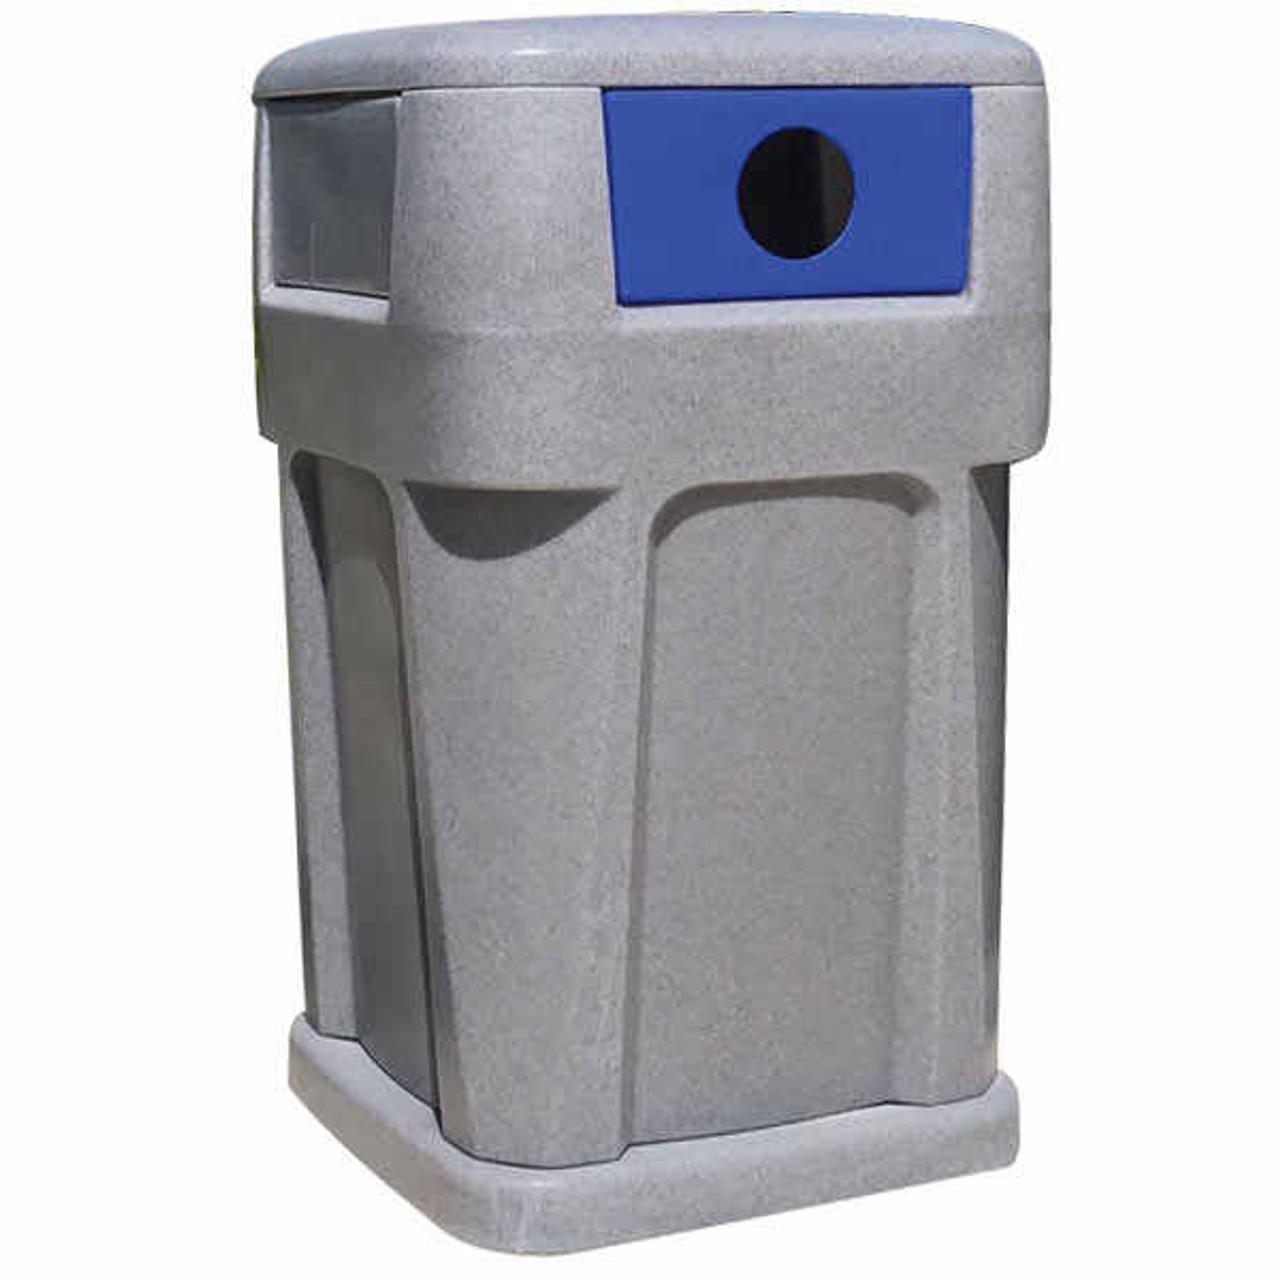 65 Gallon Heavy Duty Plastic Liftable City Recycle Bin TF1954